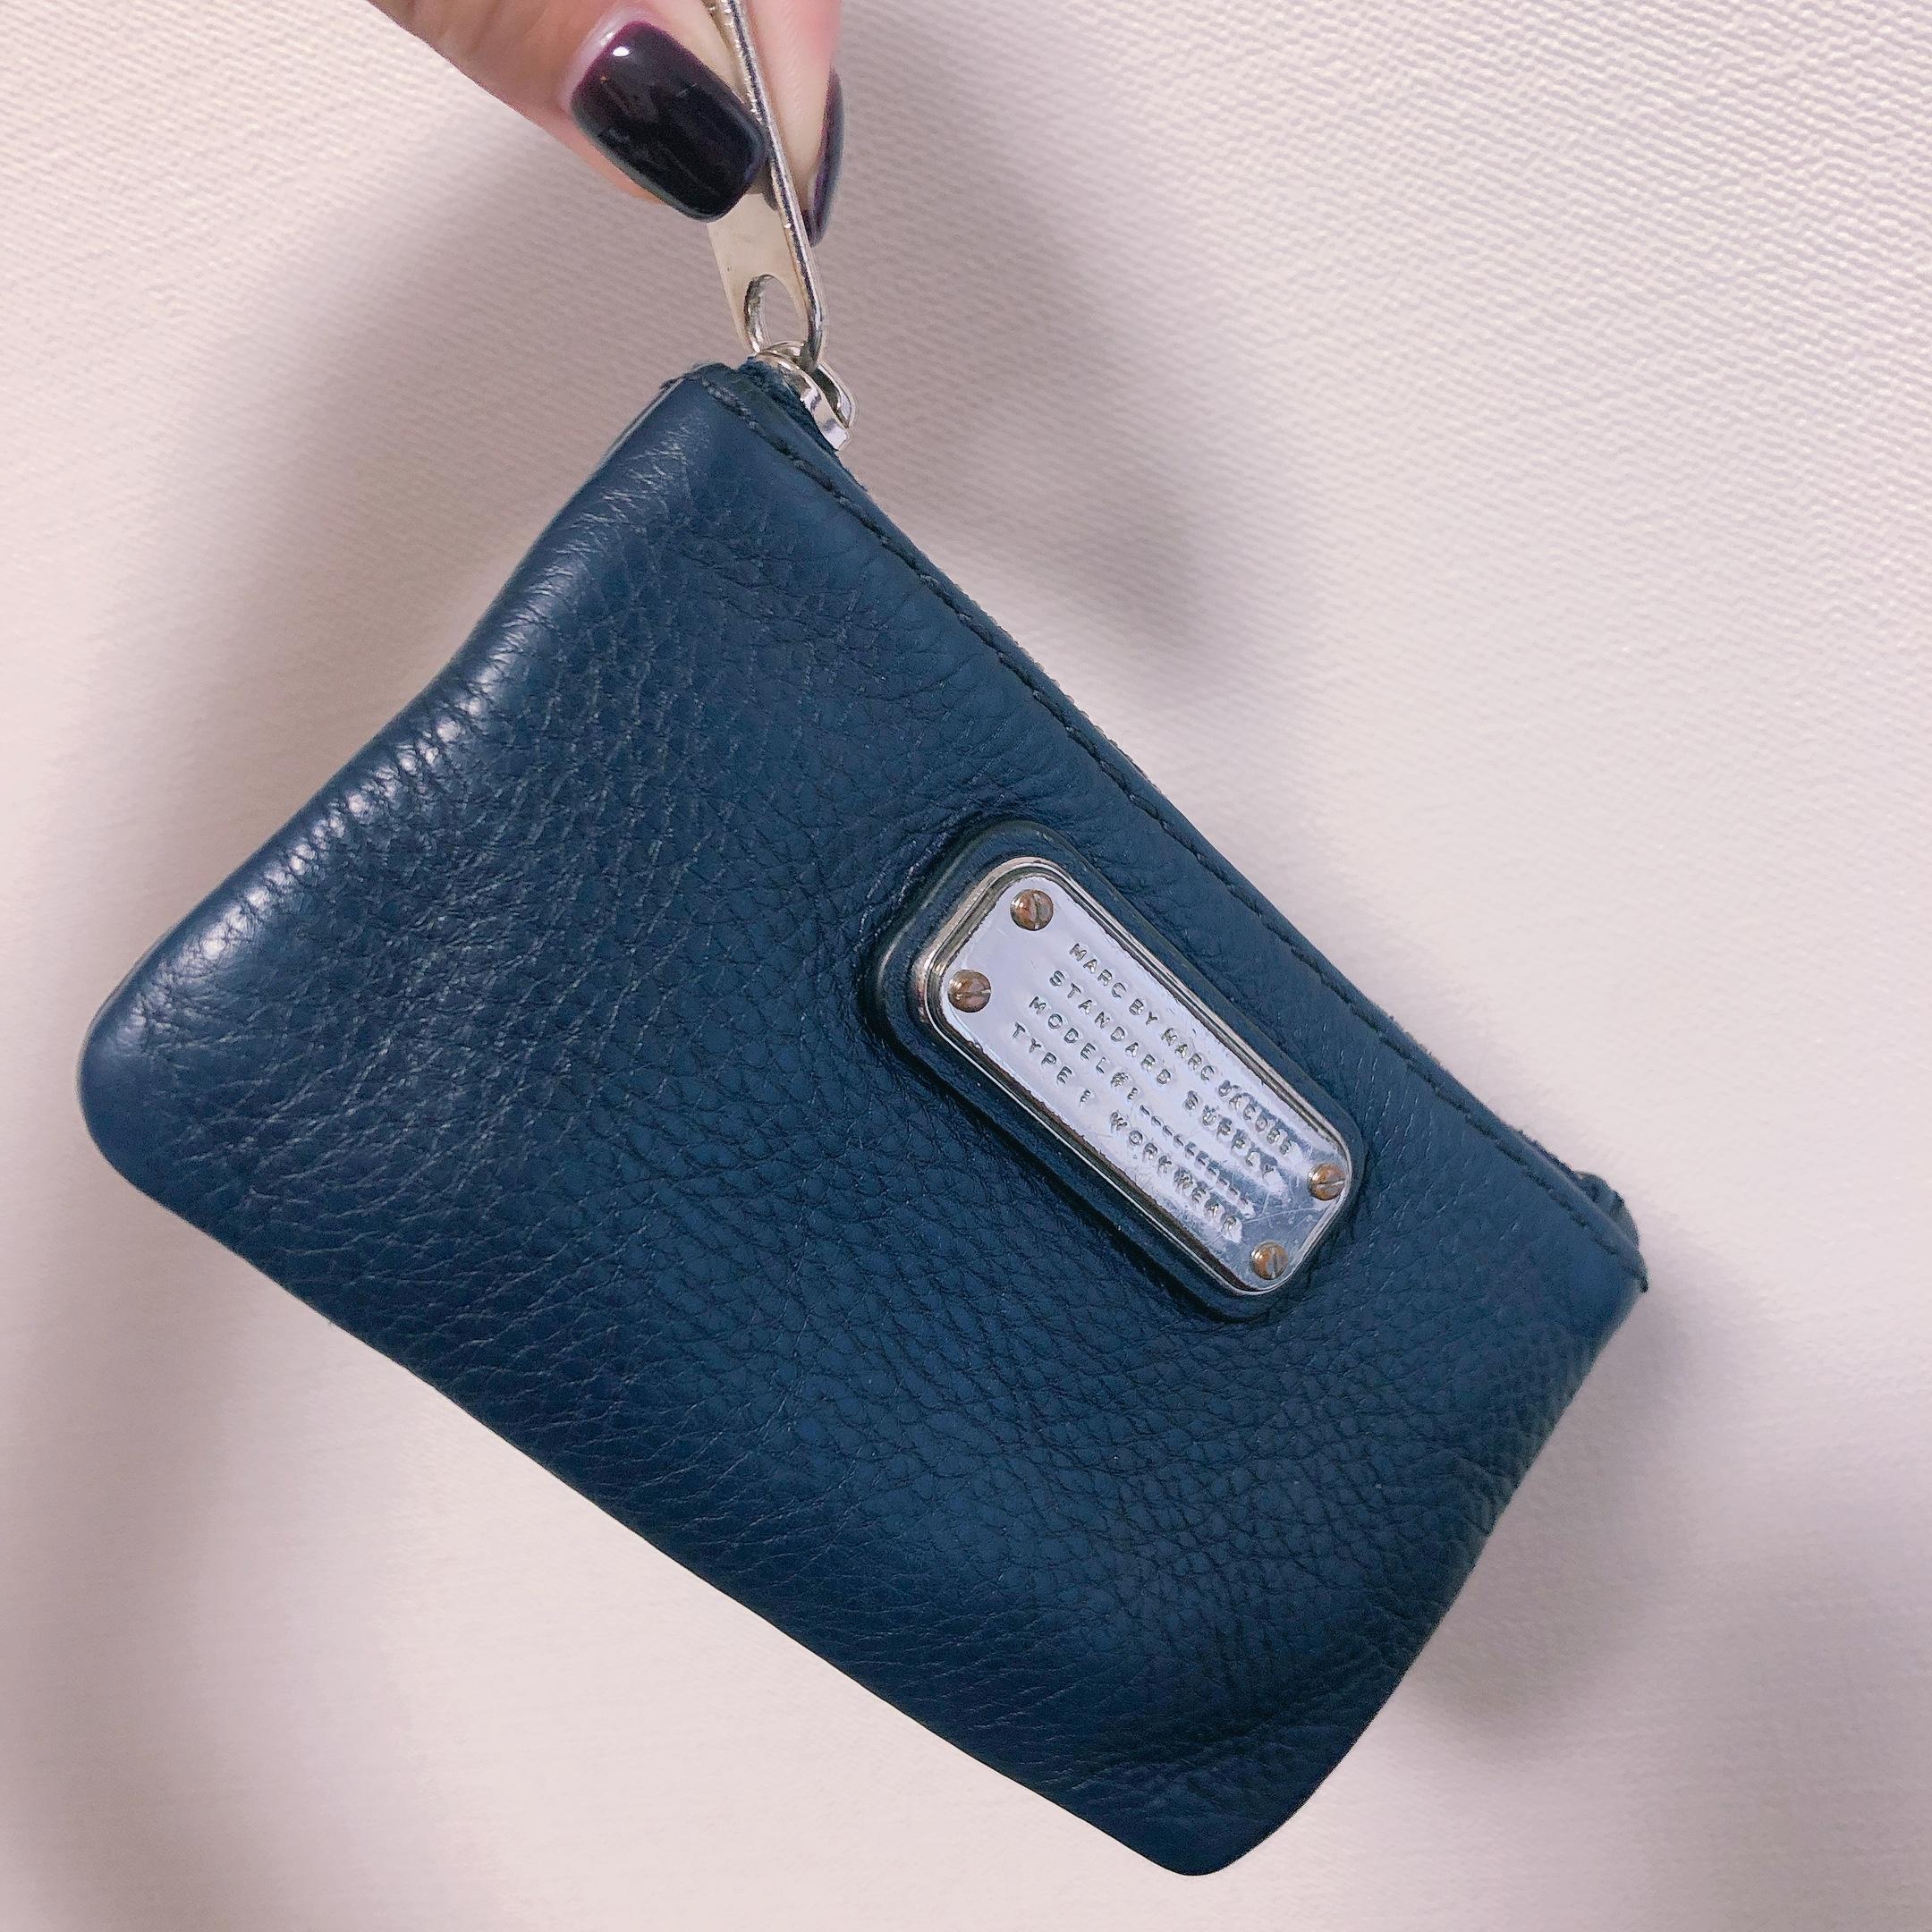 【20代女子の愛用財布】『MARC JACOBS』の長財布♡初めての記念日に背伸びして買った、思い出のアイテム_2